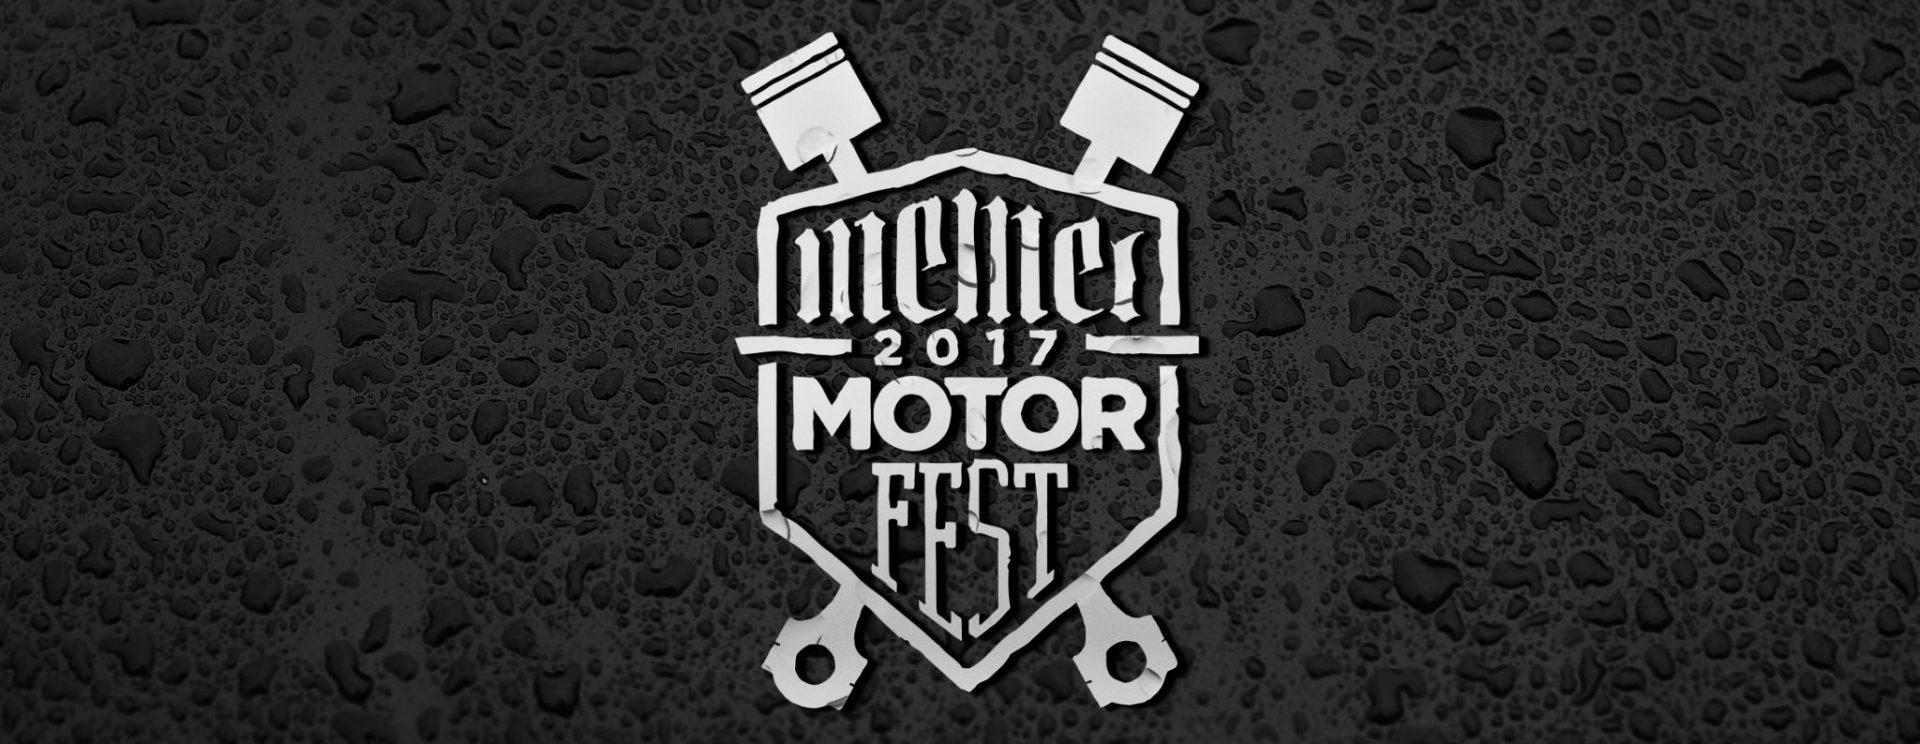 Memel Motor Fest 2017